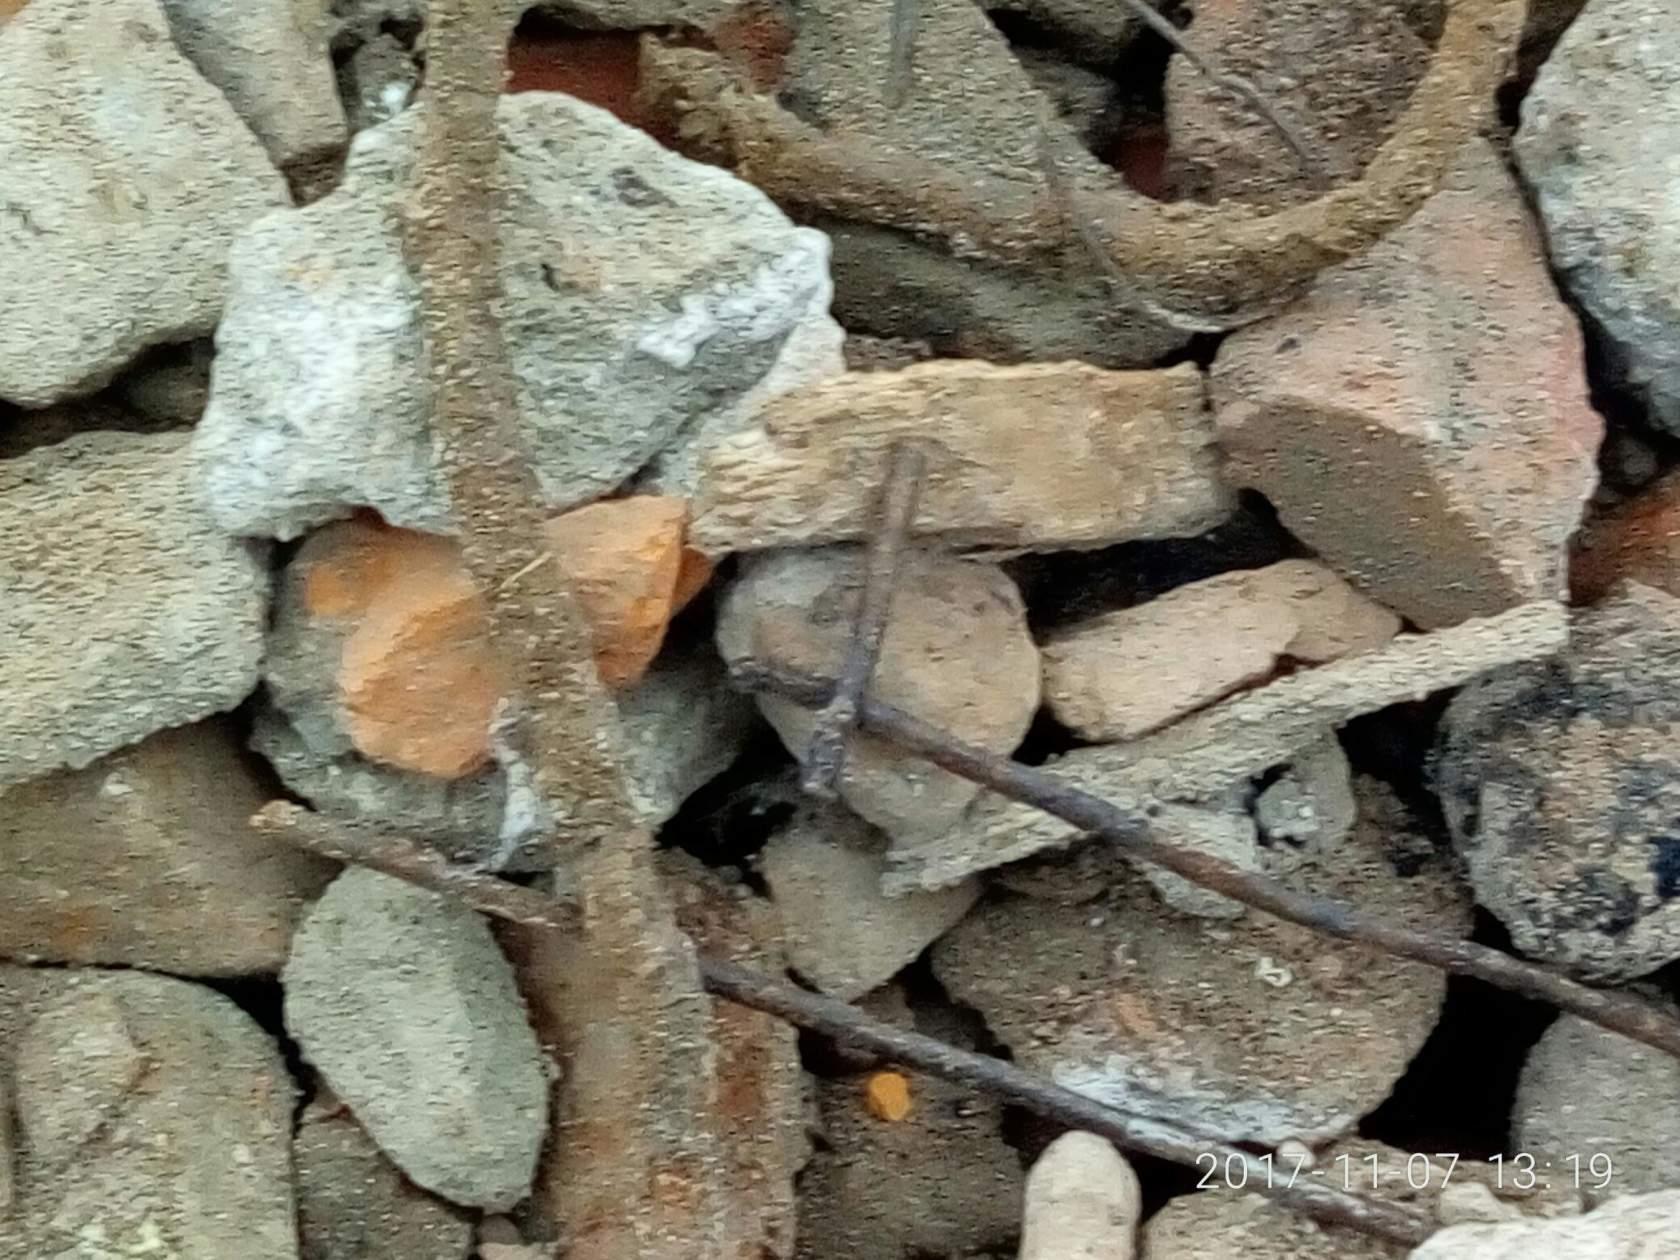 Фотофакт: дорогу в деревне под Могилевом ремонтируют мусором